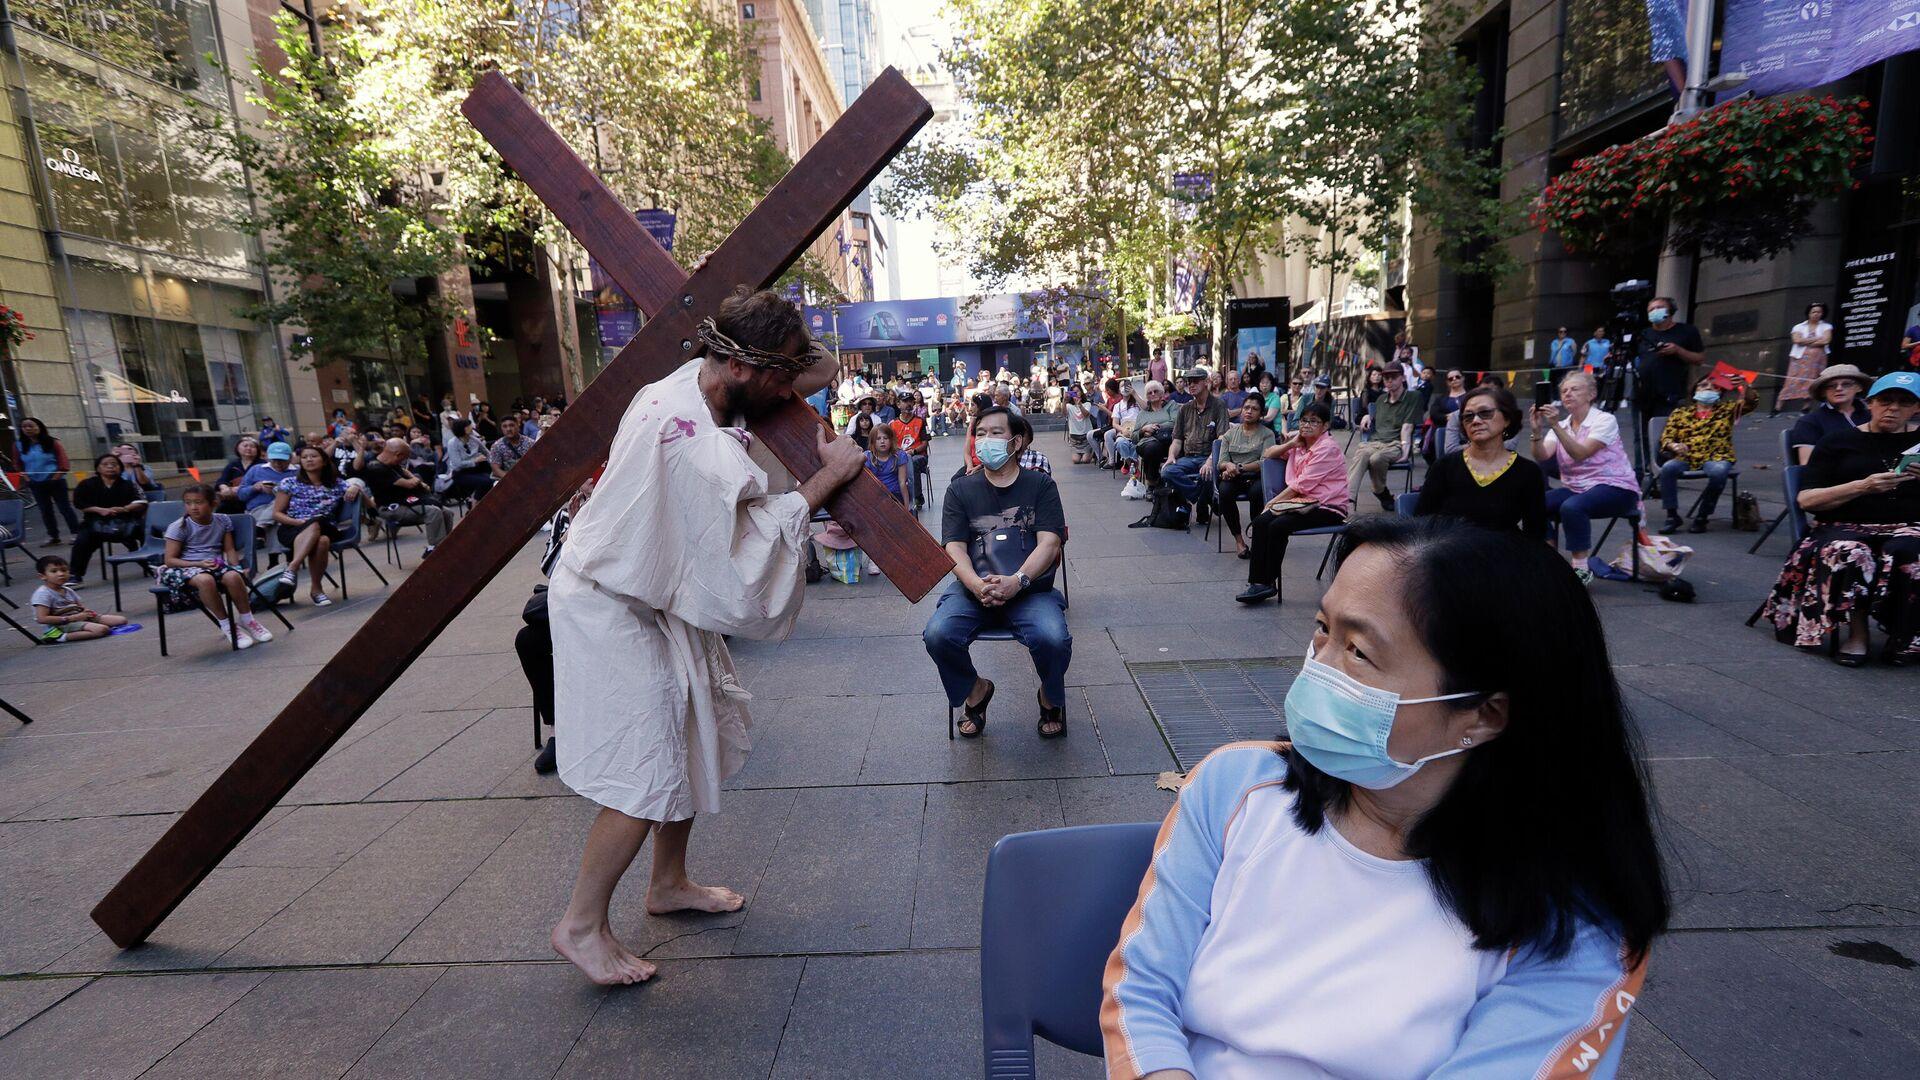 Актер несет крест, изображения Иисуса Христа во время празднования Страстной пятницы в Сиднее - РИА Новости, 1920, 05.05.2021